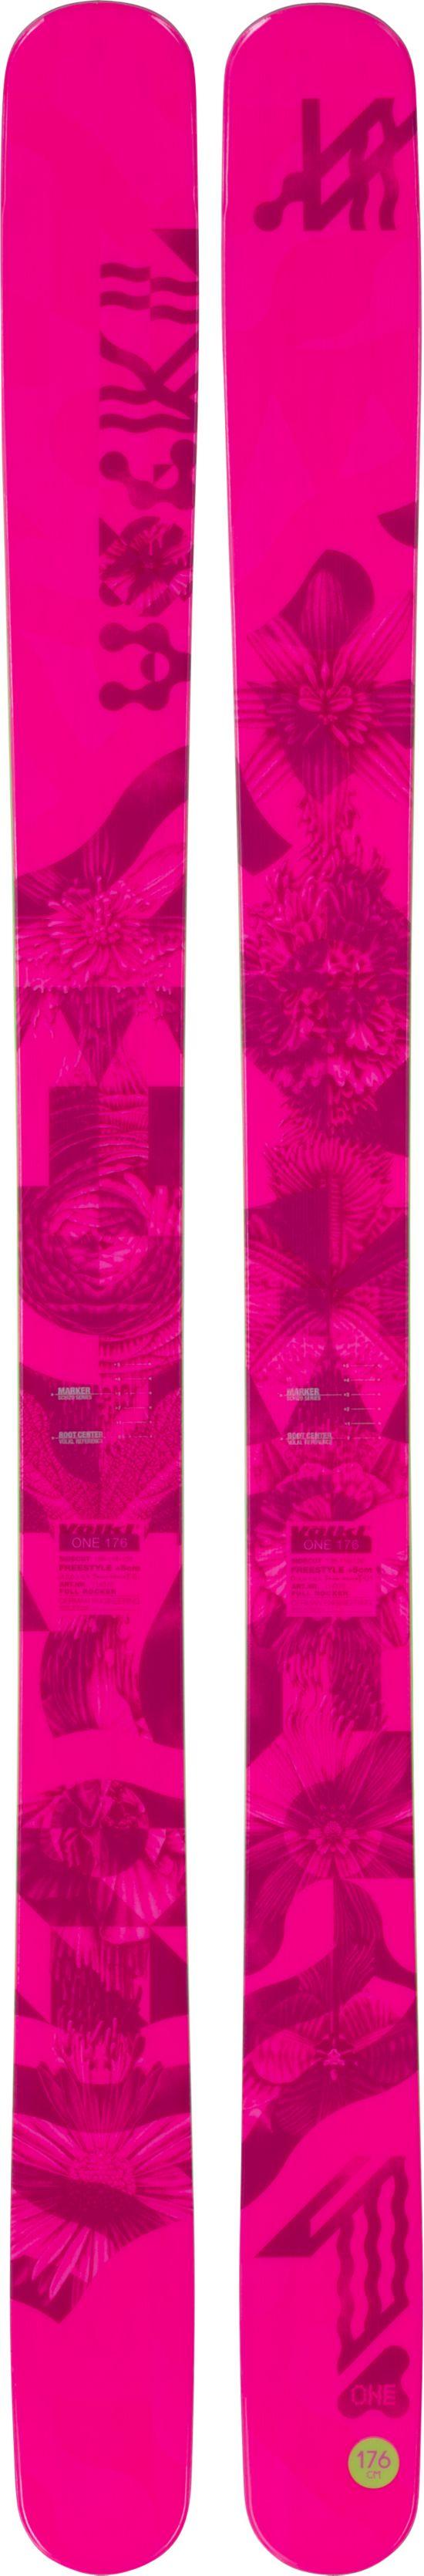 One Pink Frikjøring Ski